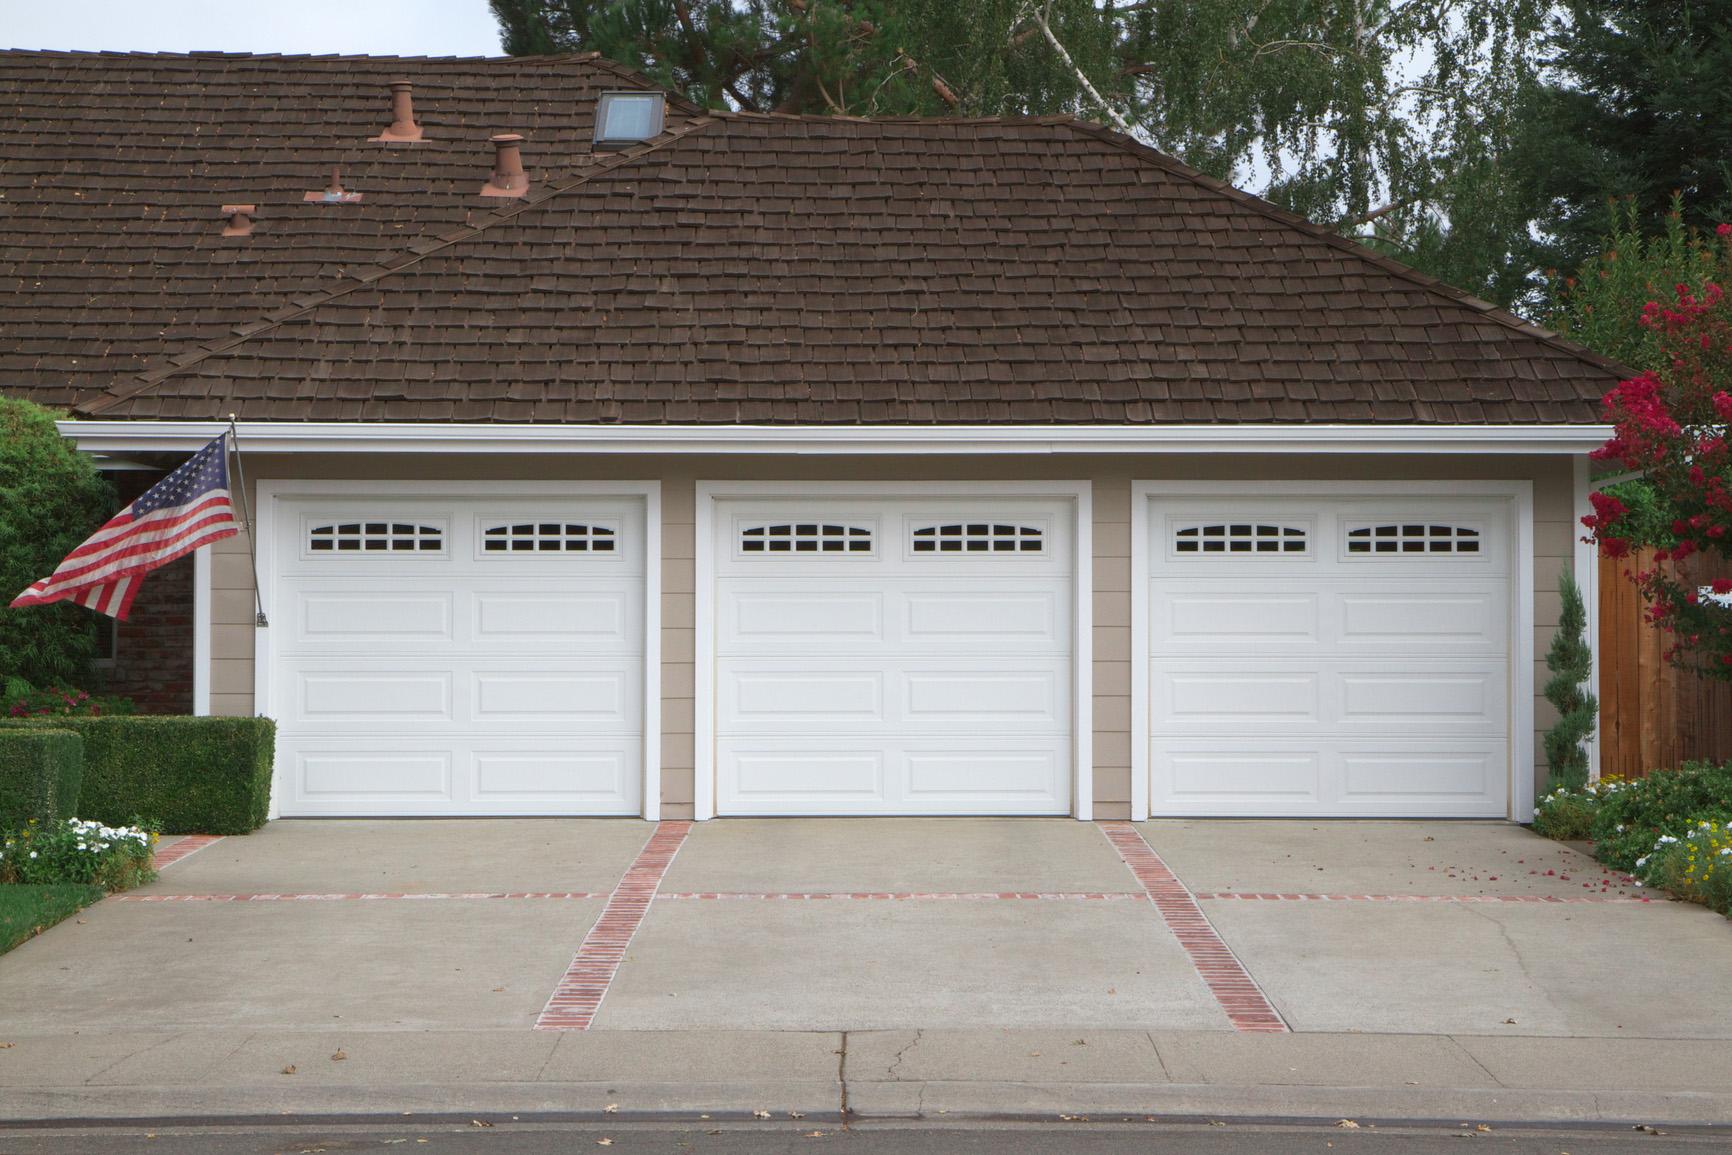 exceptional three door garage #1: Three car garage flag